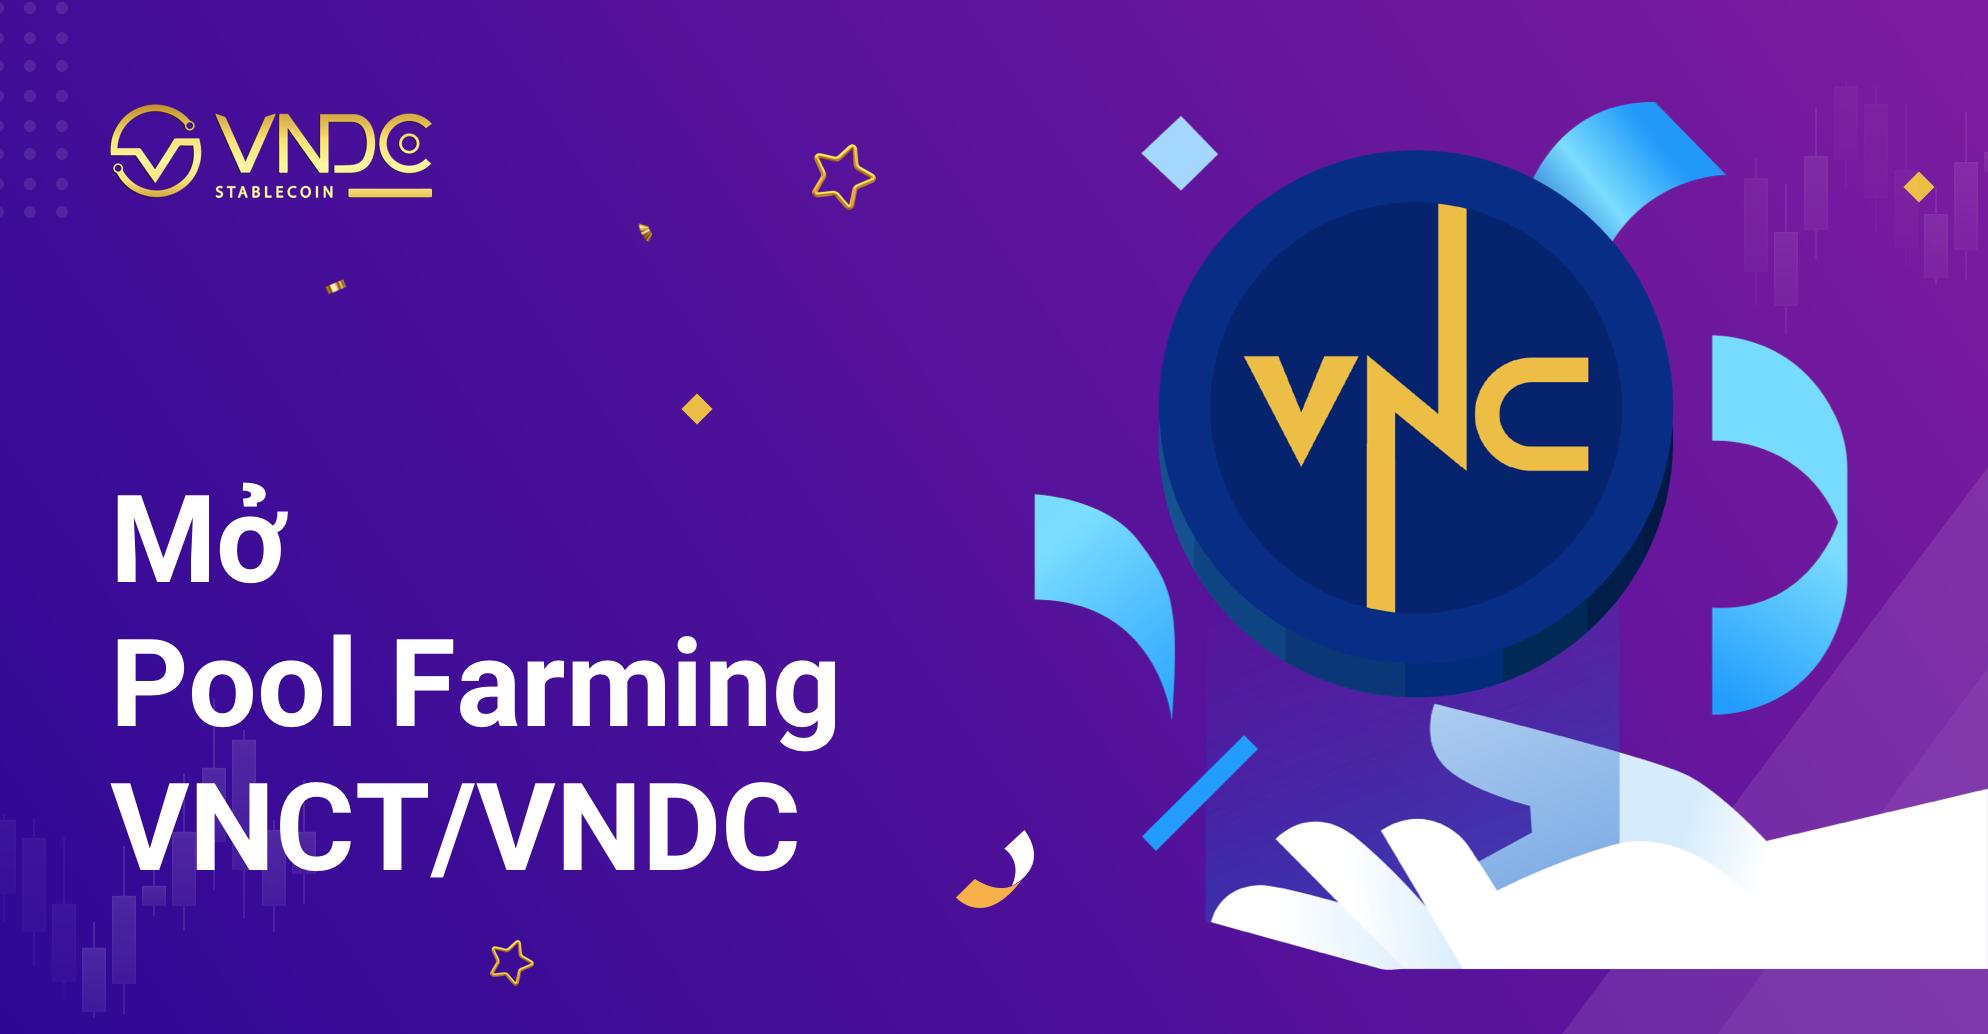 Mở Pool Farming VNCT – VNDC, tỷ lệ nhận thưởng lên tới 15% mỗi năm